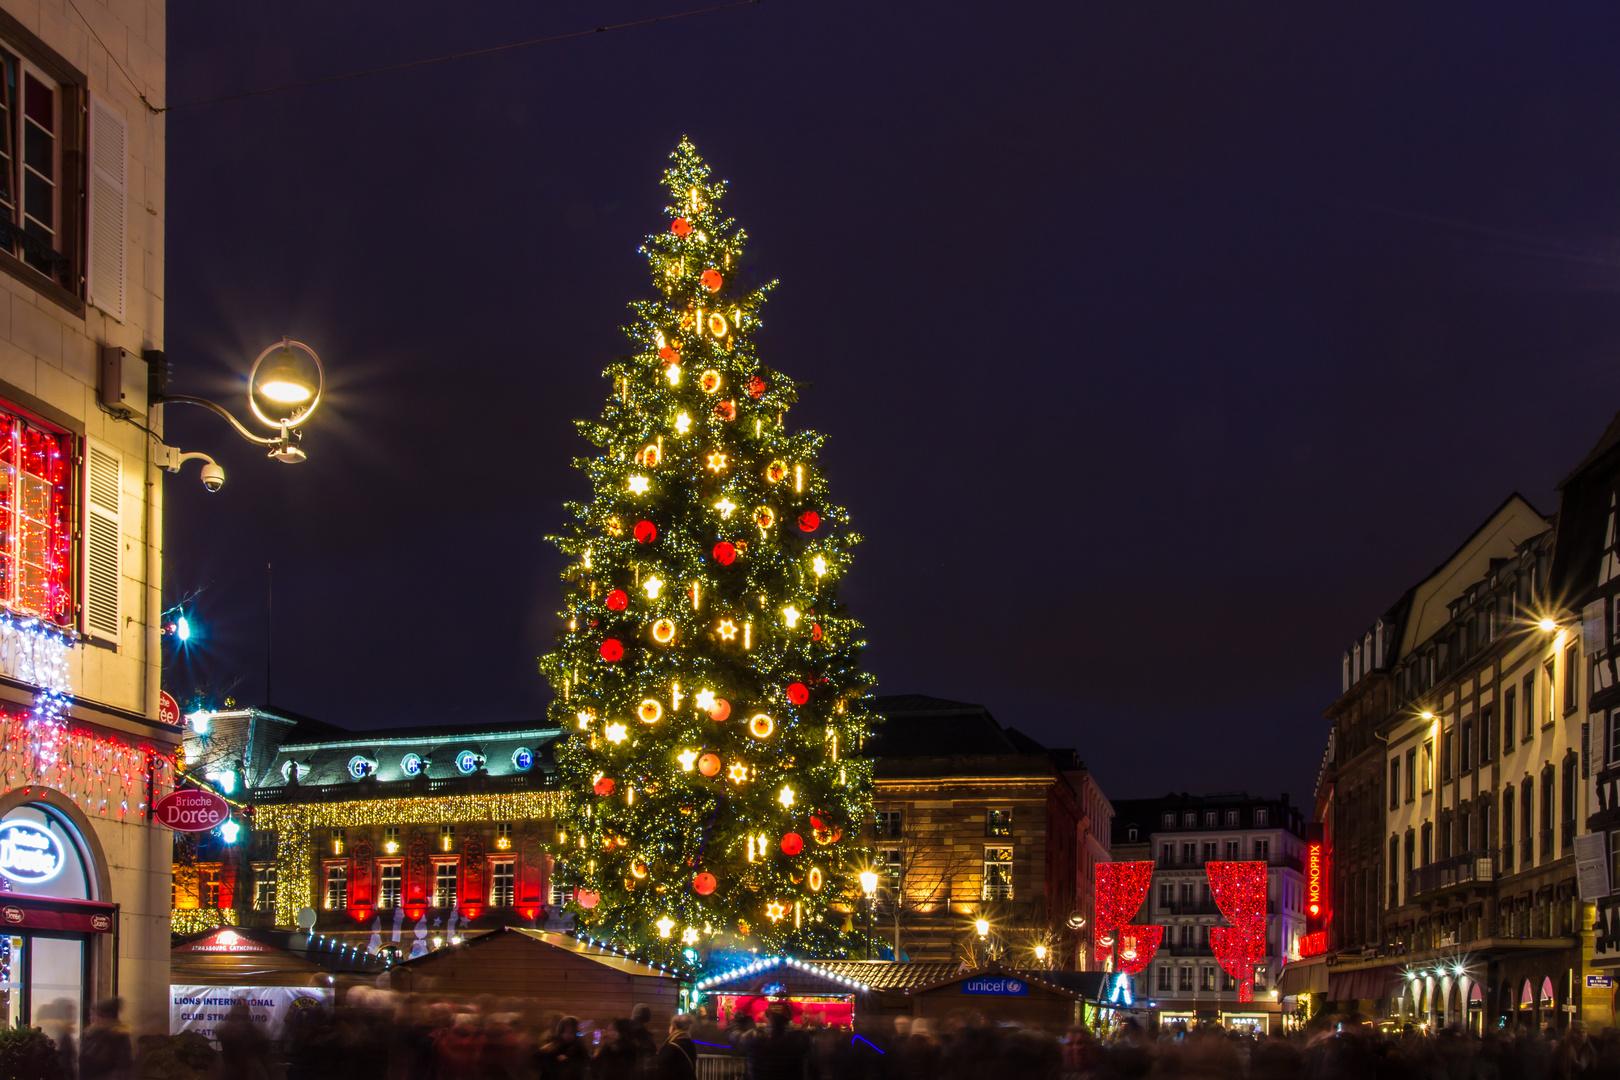 Frohe Weihnachten An Alle.Frohe Weihnachten An Alle Da Draussen Foto Bild Europe